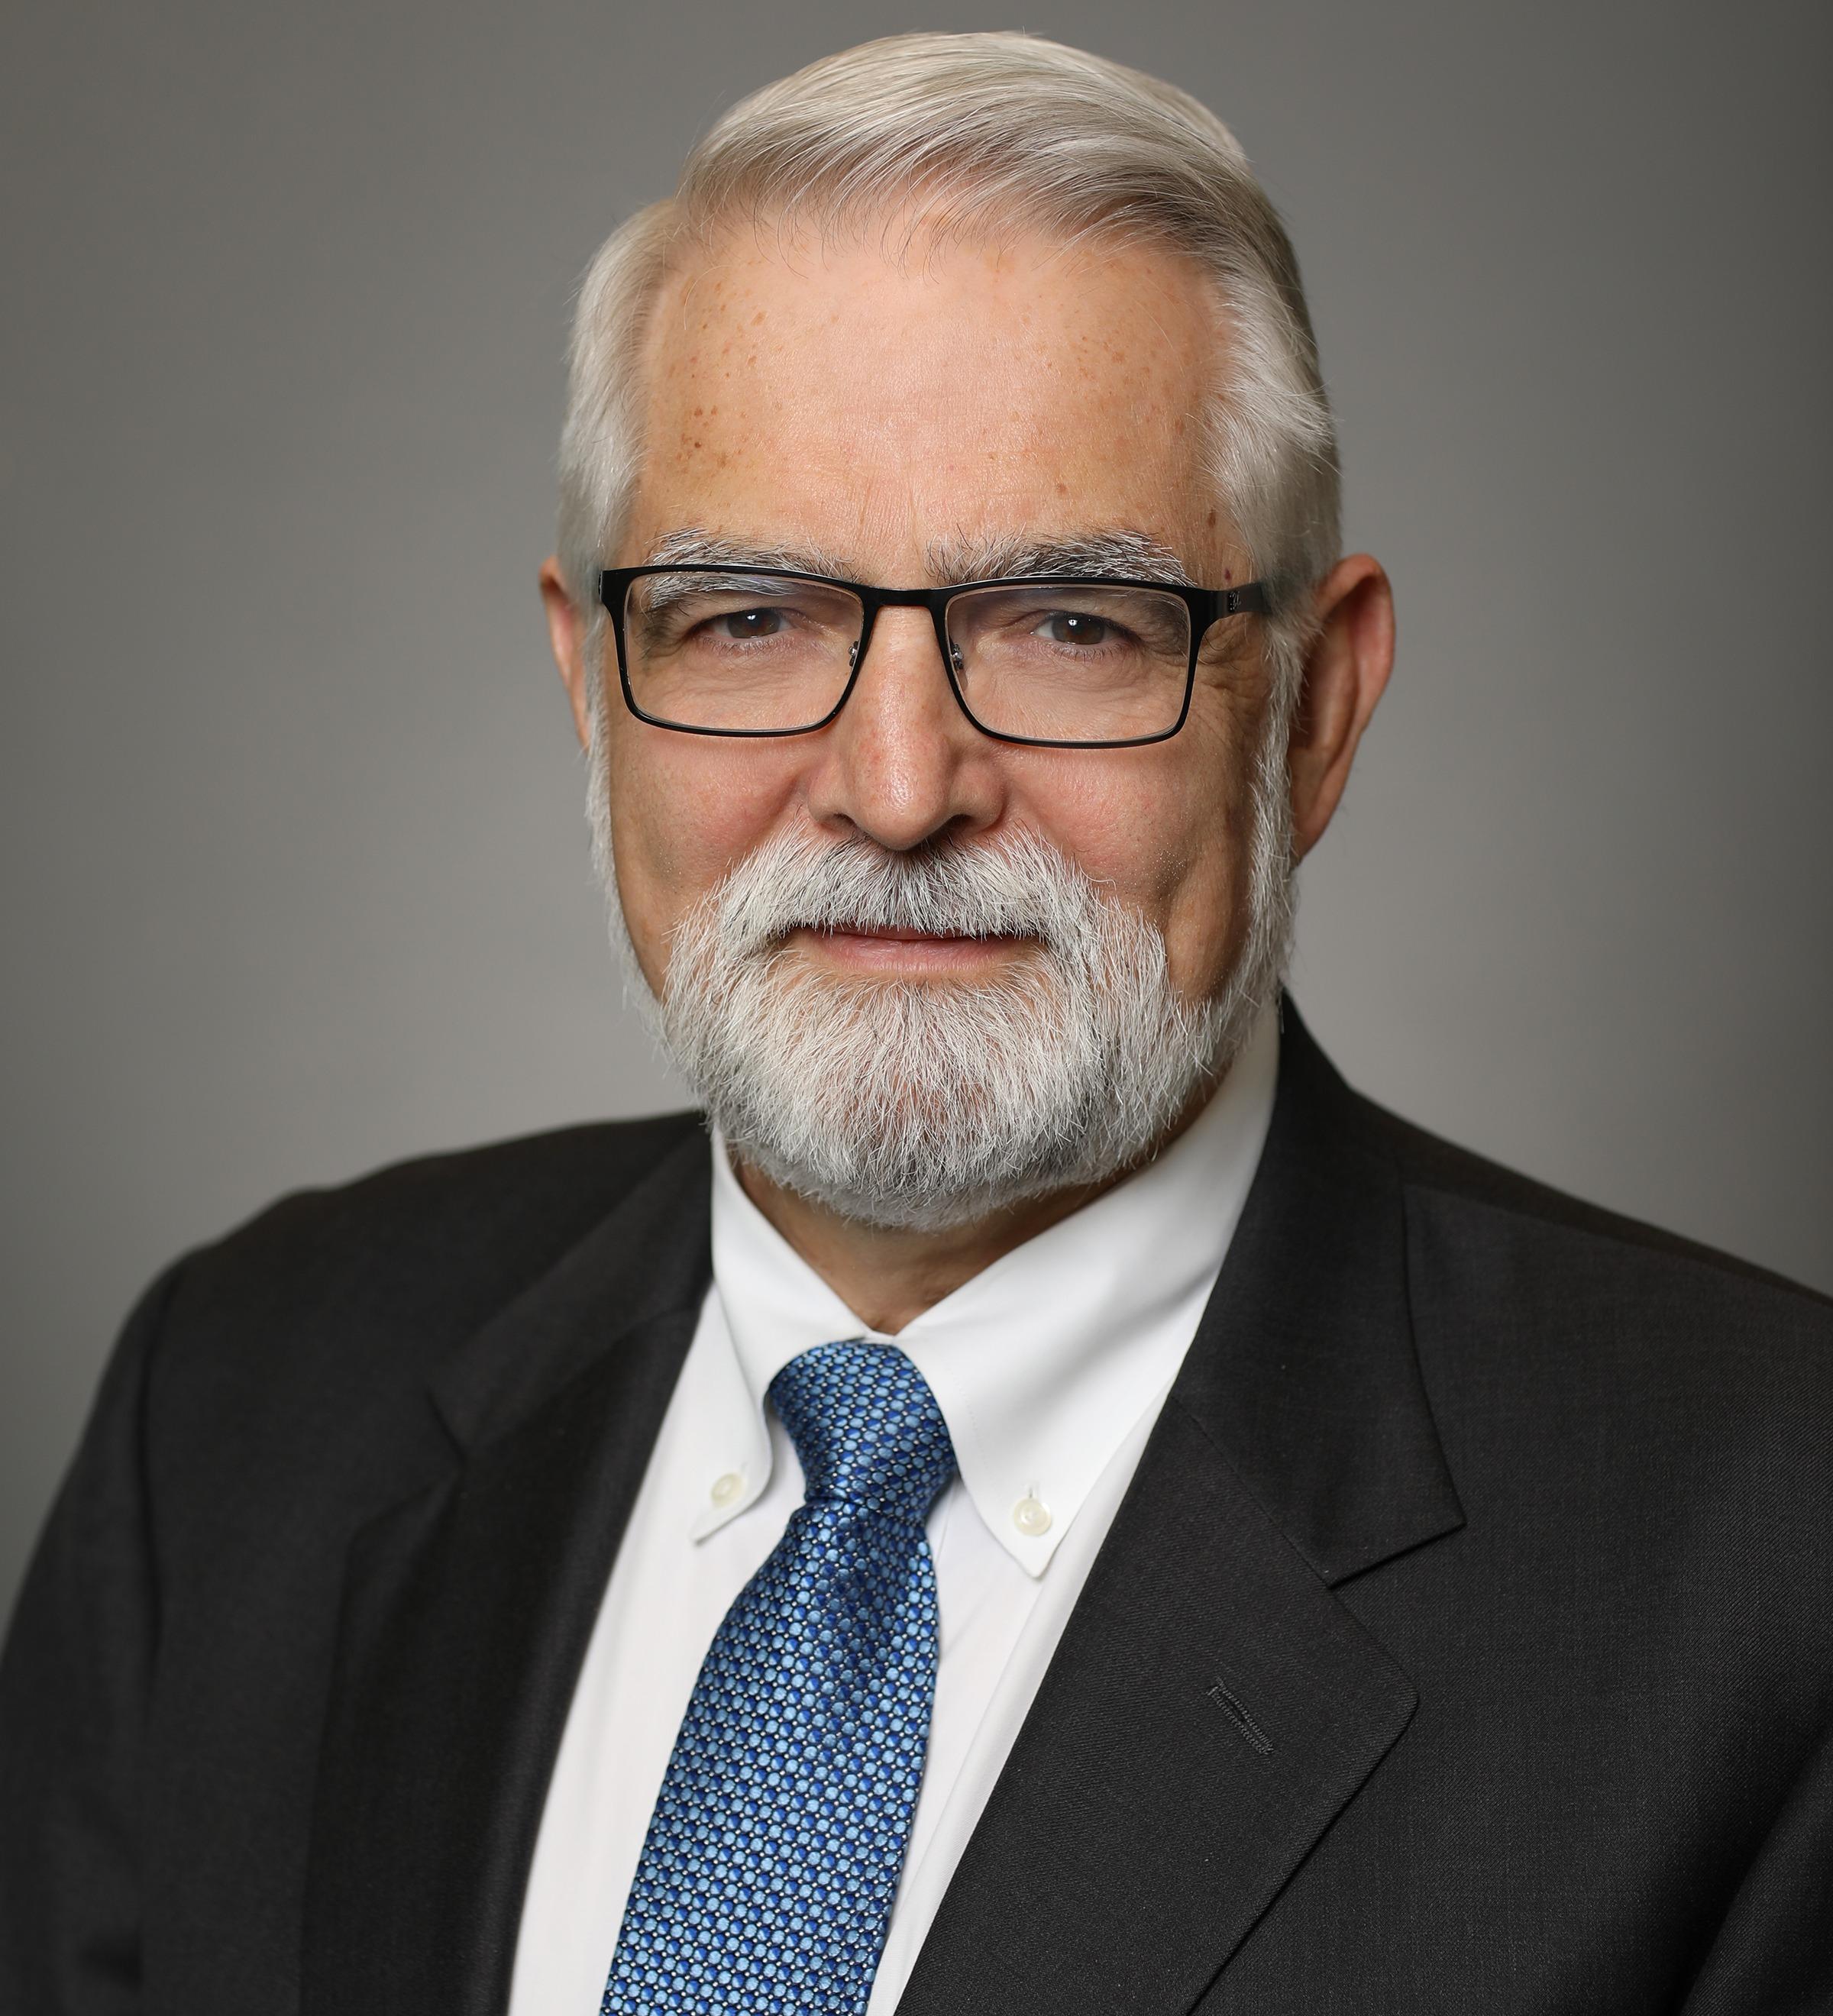 George F. Vogt's Profile Image